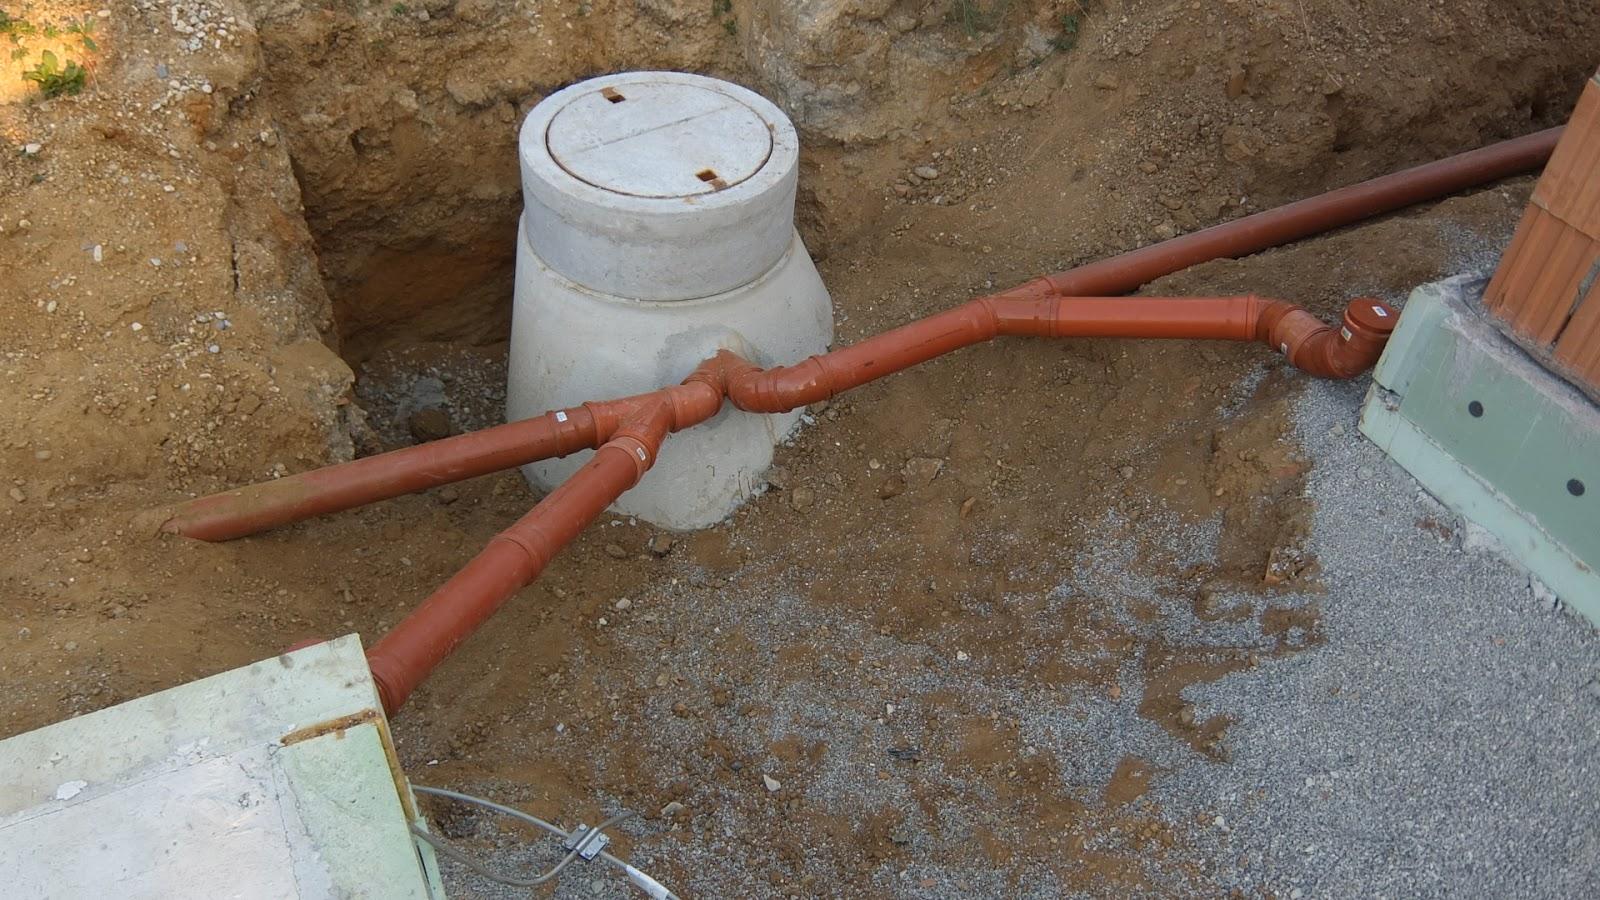 Beliebt AuA's Baublog: Regenwasserrohre verlegt AM82